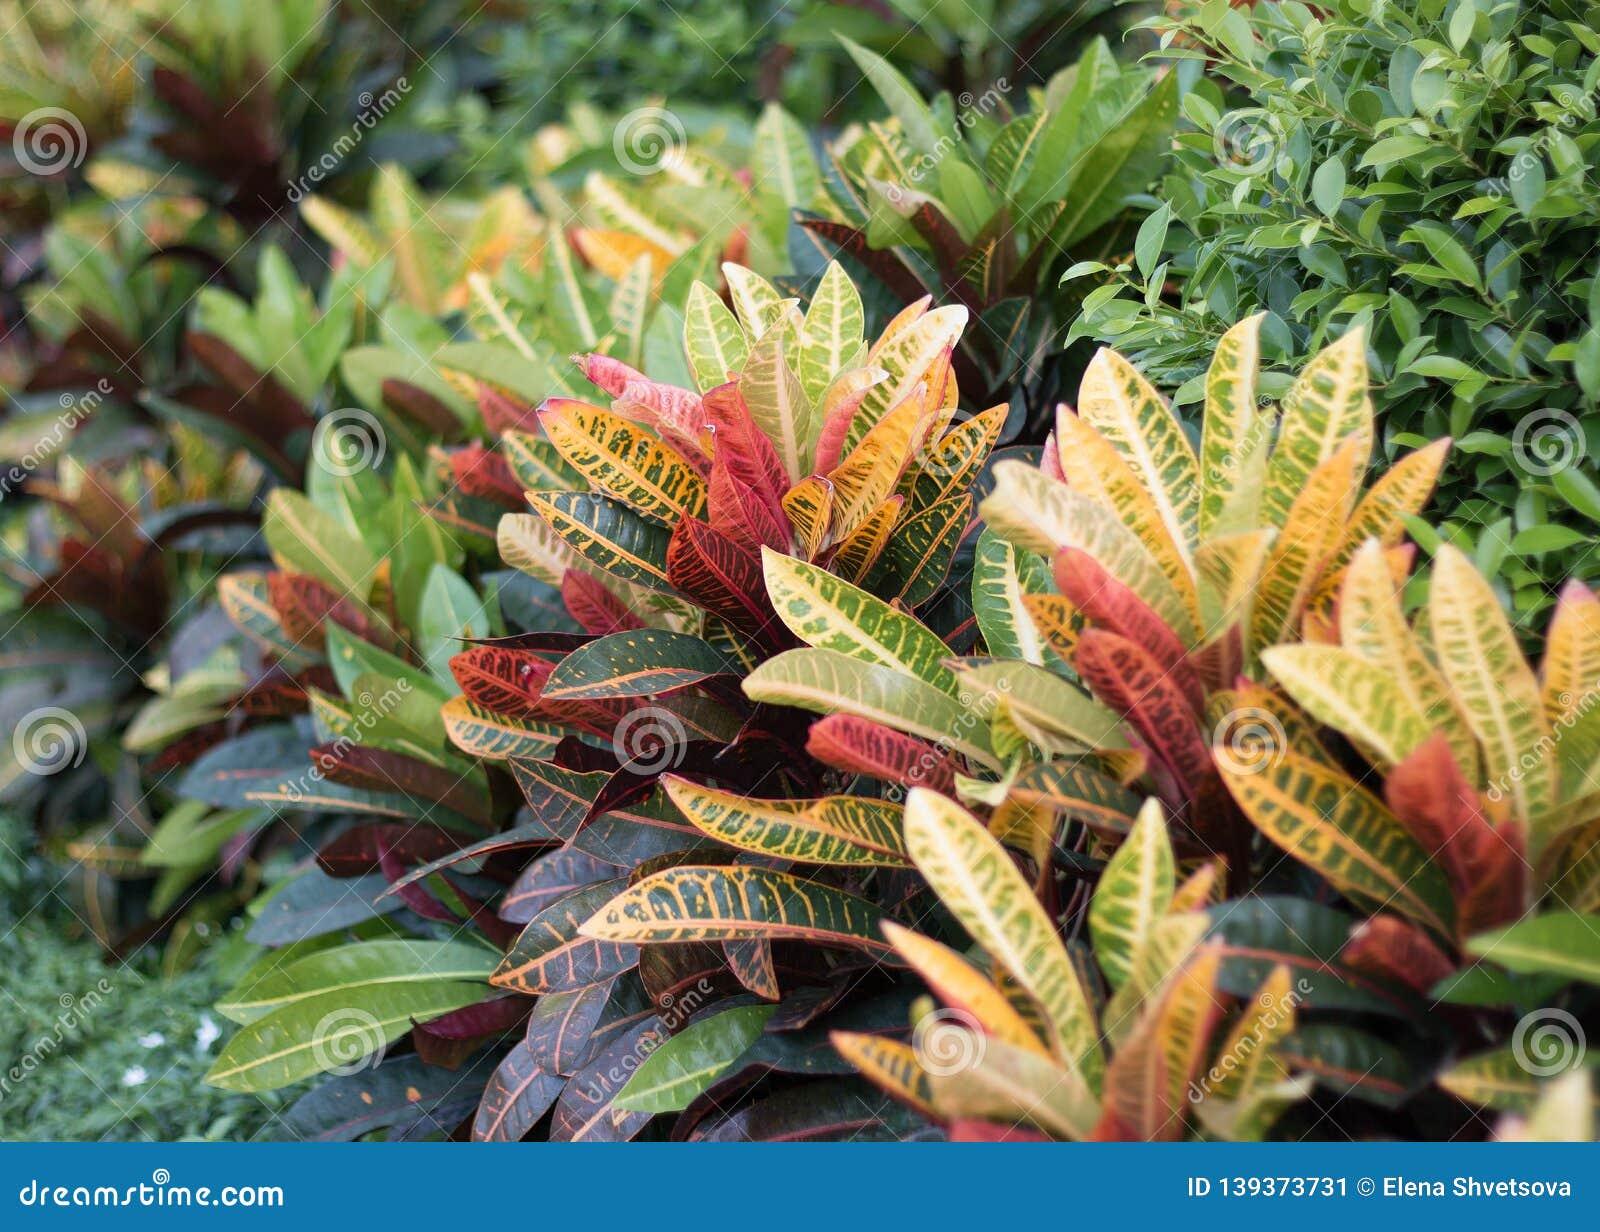 Codiaeum variegatum or croton